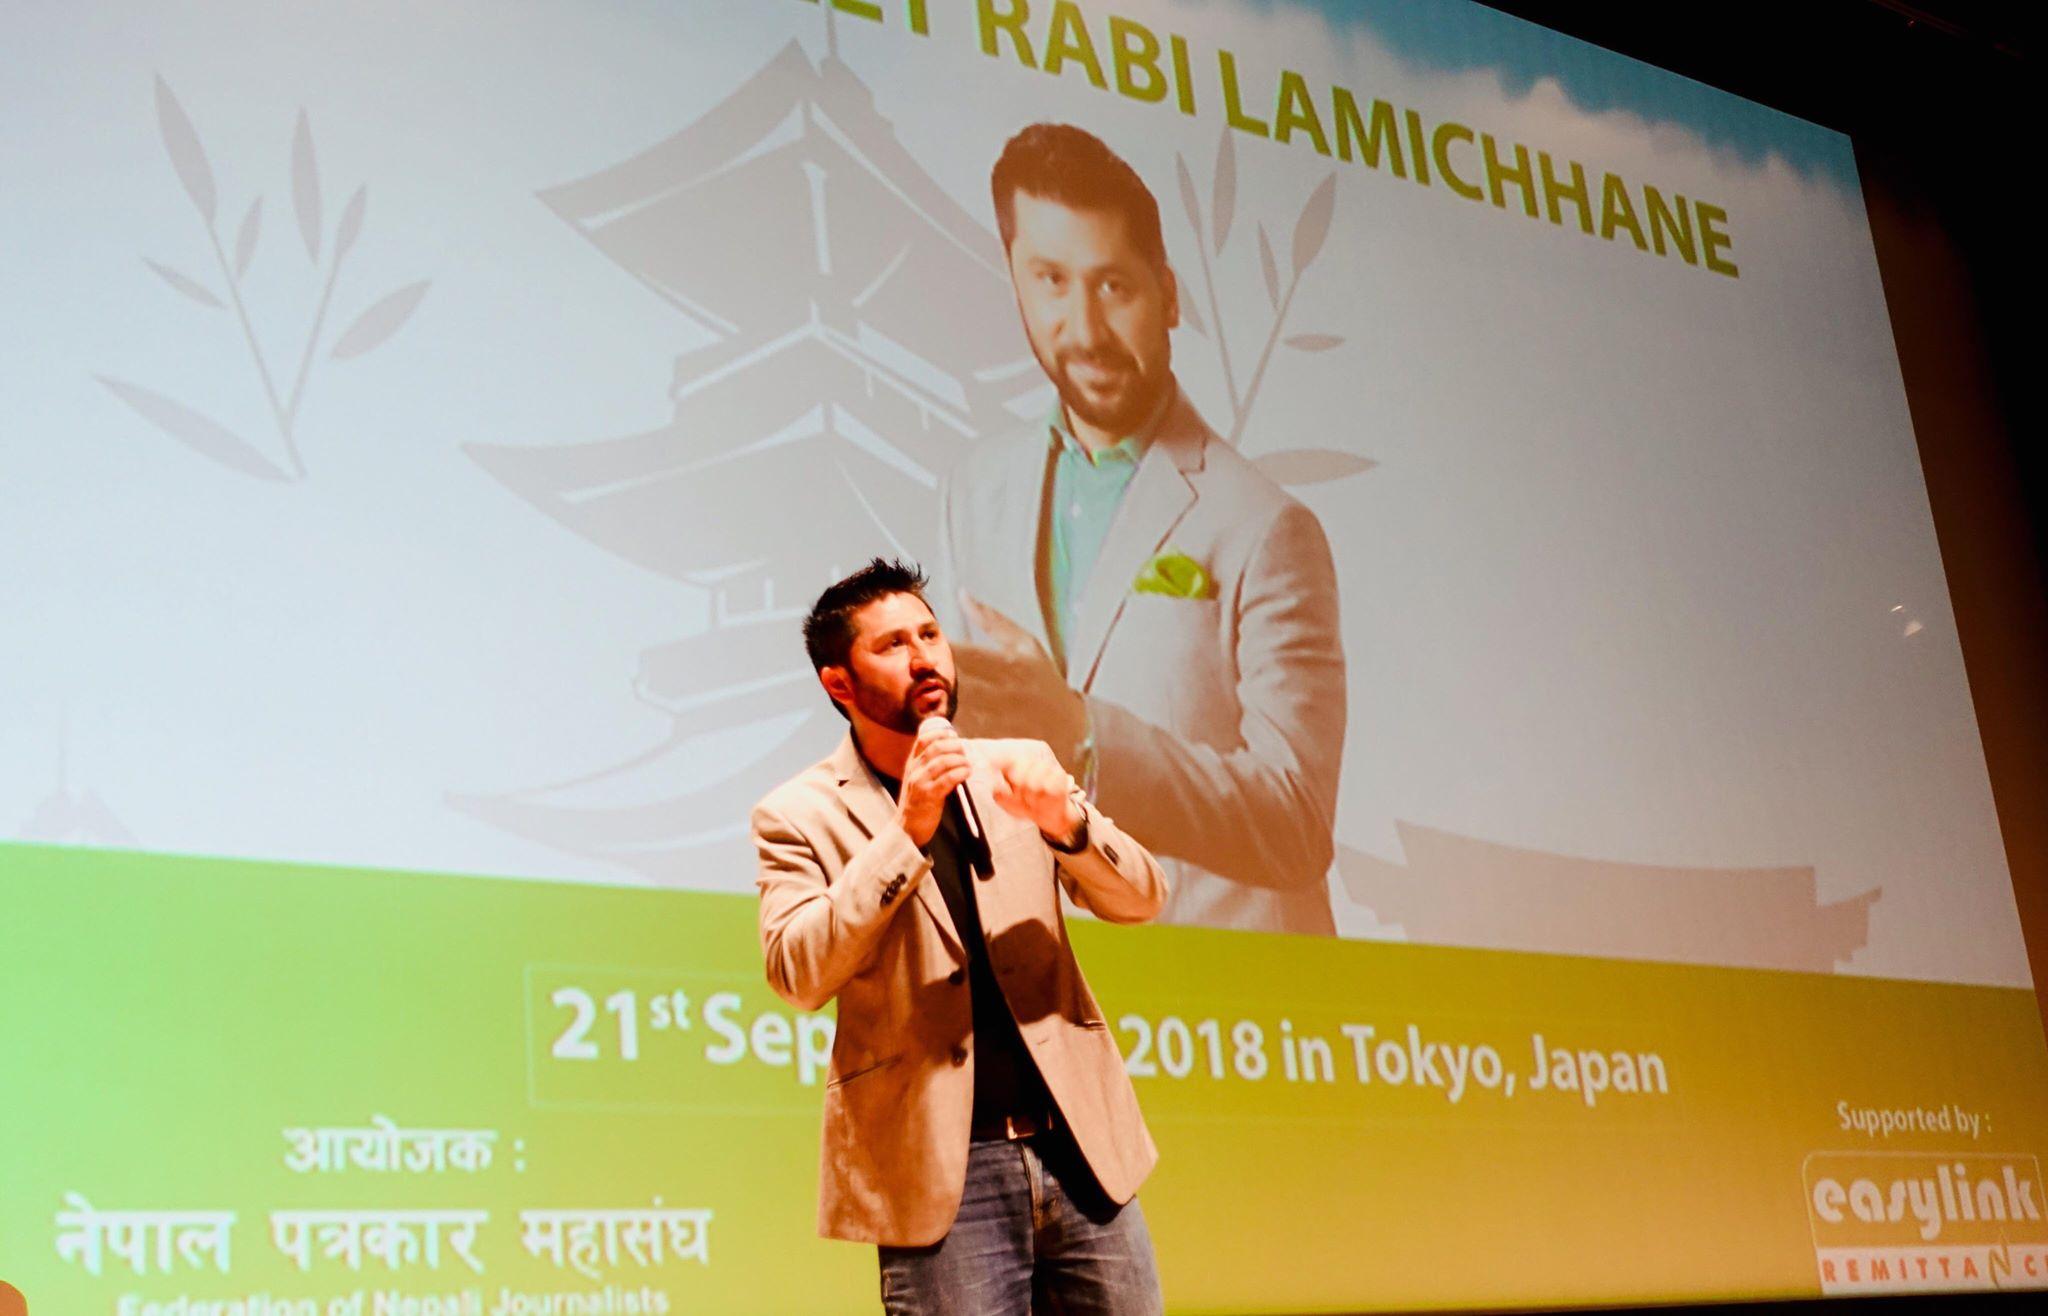 Rabi Lamichhane Exclusive Live From Japan || रवि लामिछाने-सिधा कुरा जनतासँग टिम जापानमा